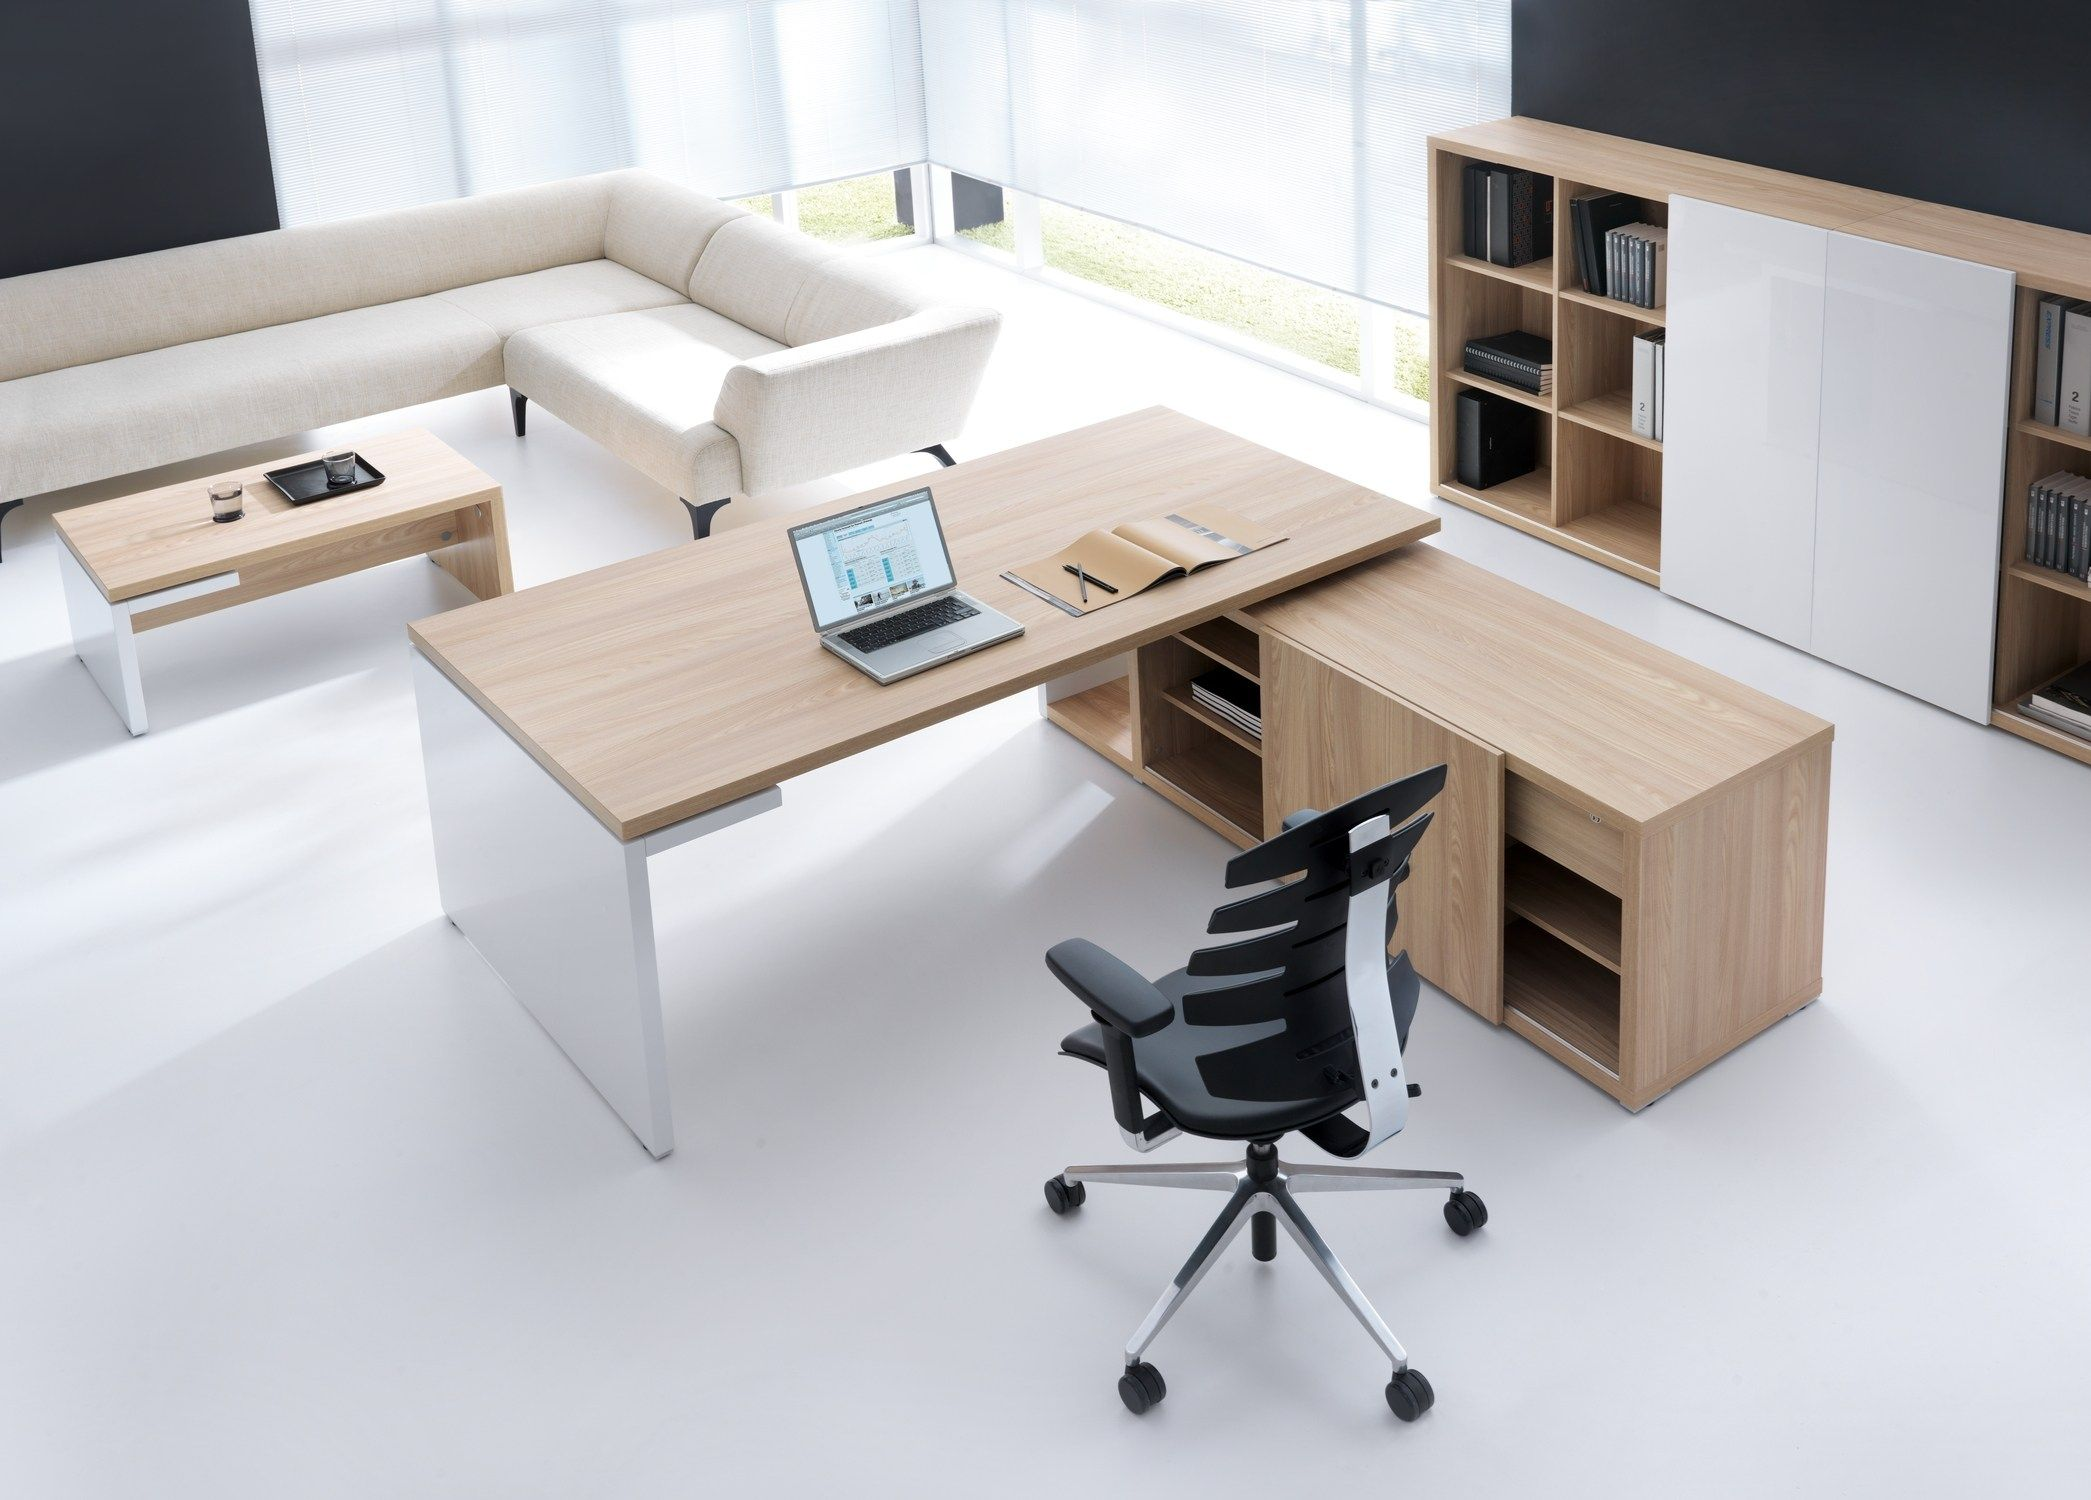 Mito escritorio de oficina ejecutivo by mdd dise o simone for Muebles escritorio diseno